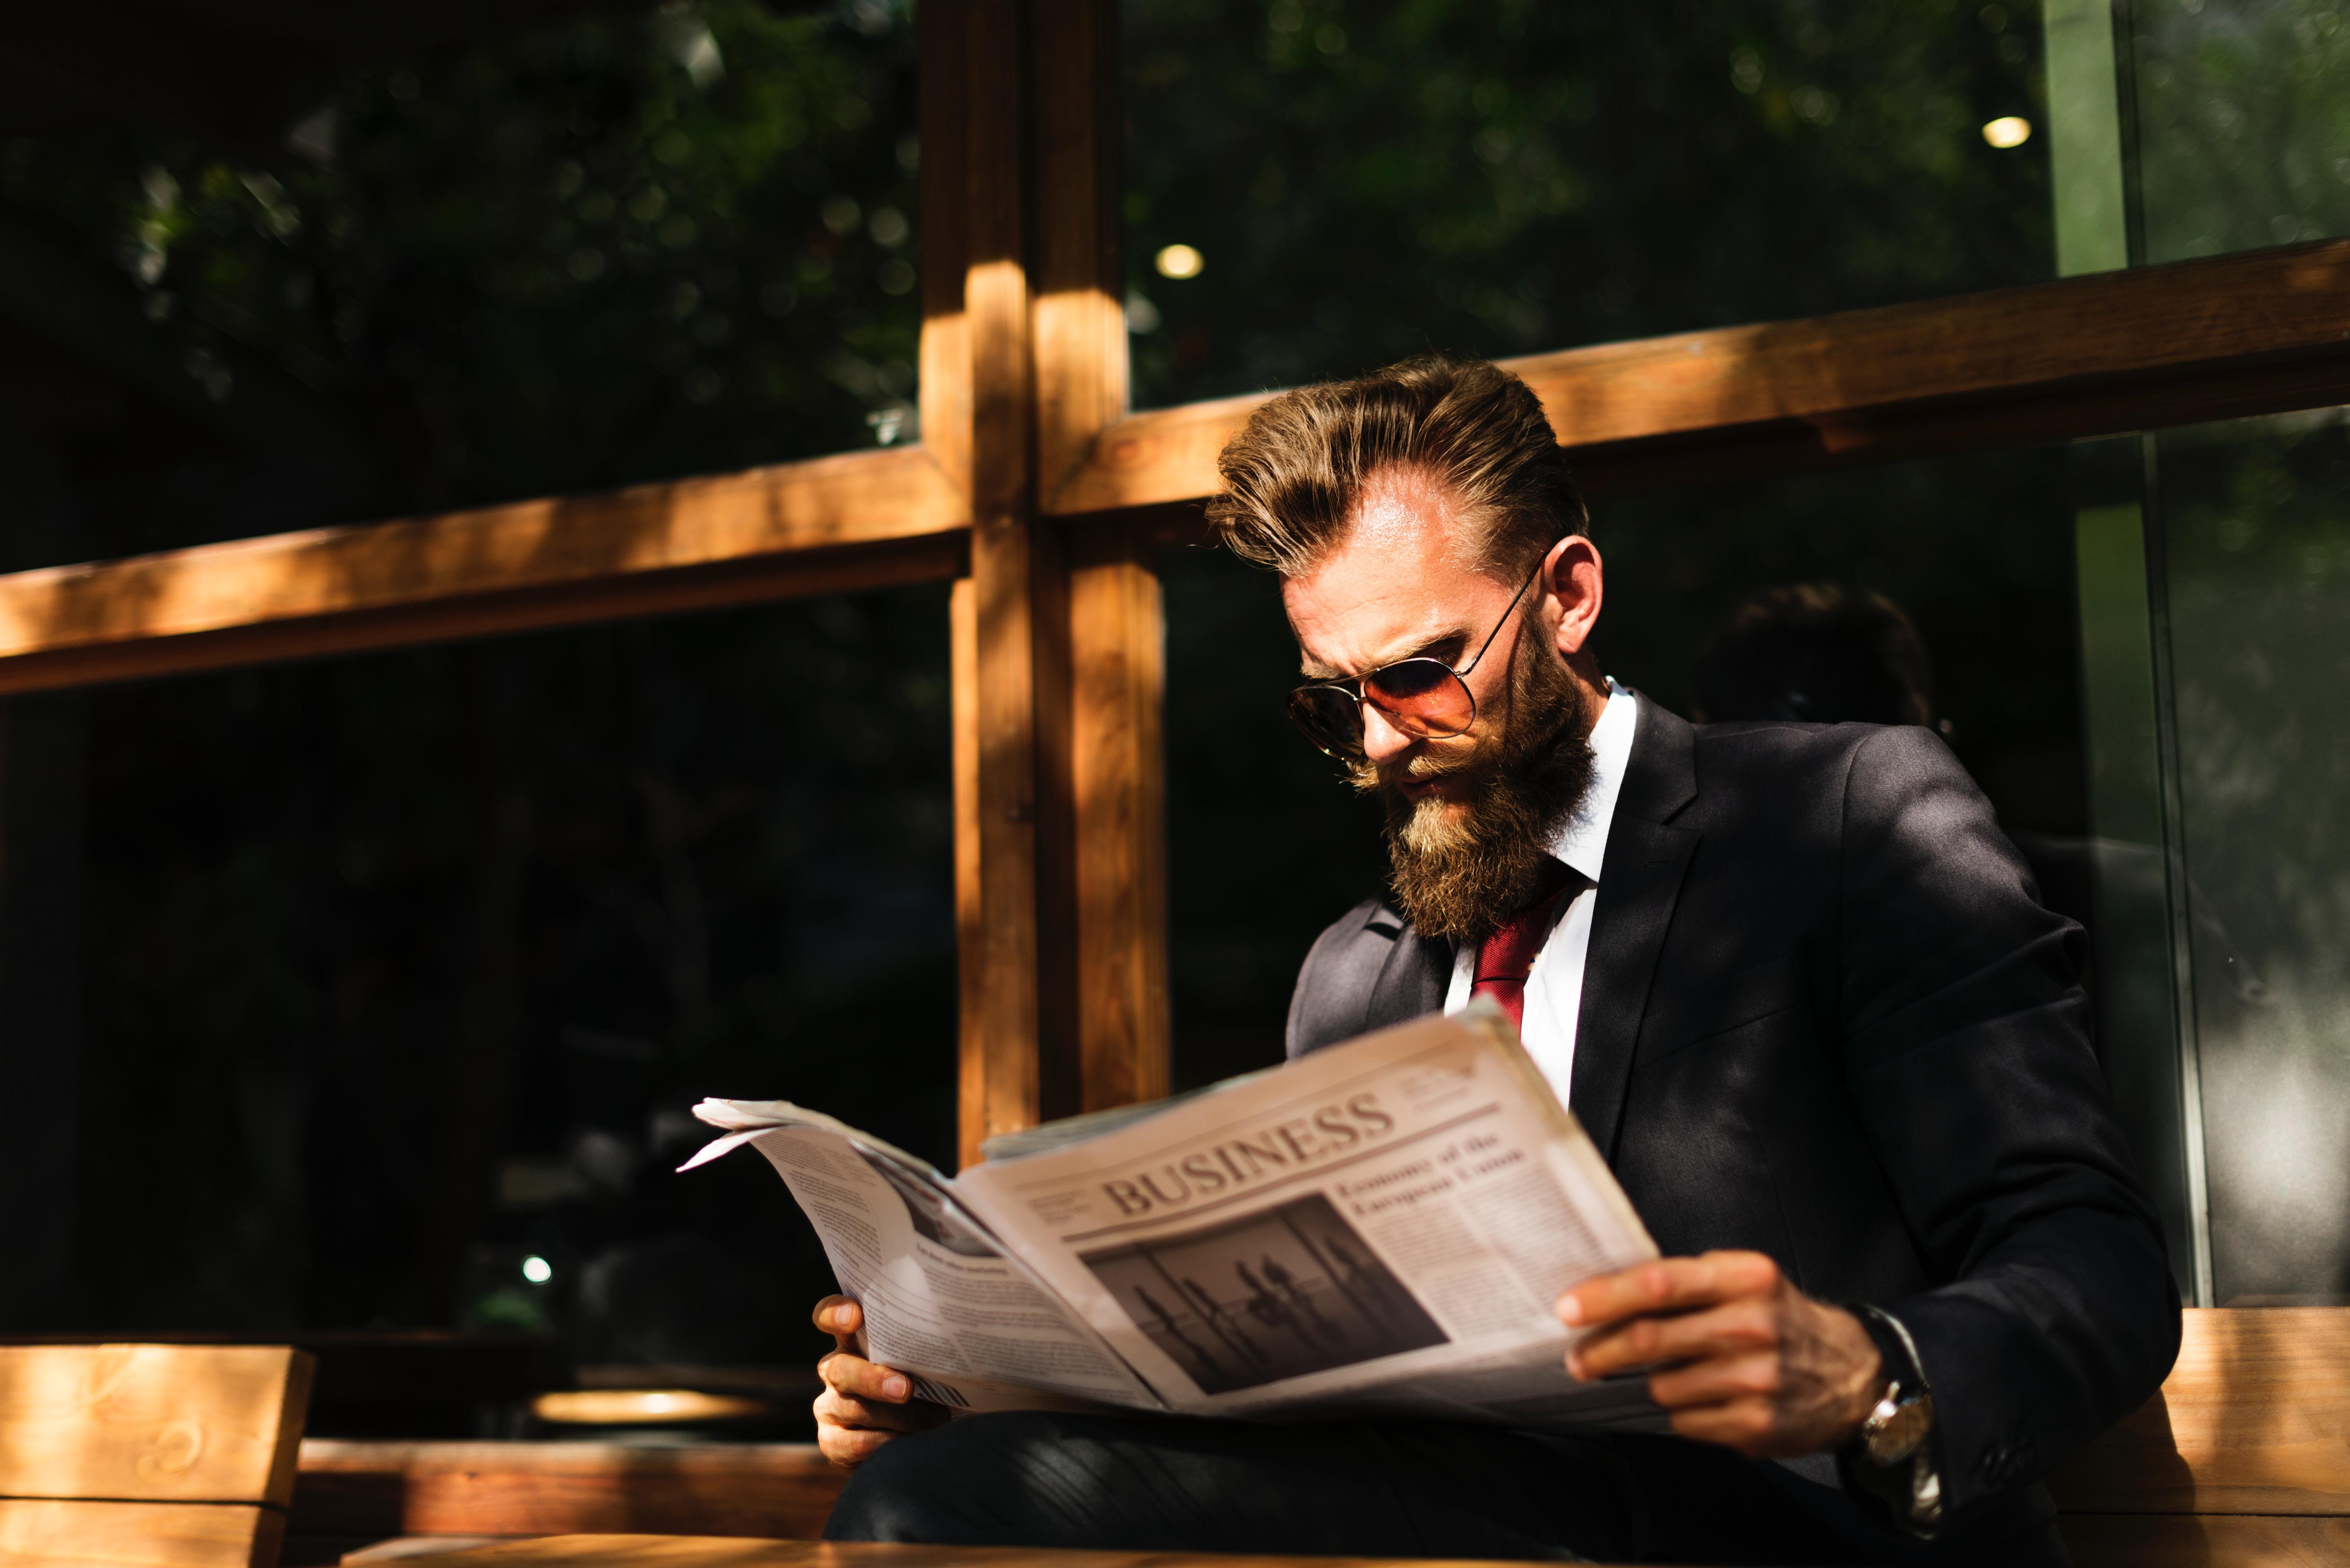 Tipps und Tricks zum Lesen von Business-Texten